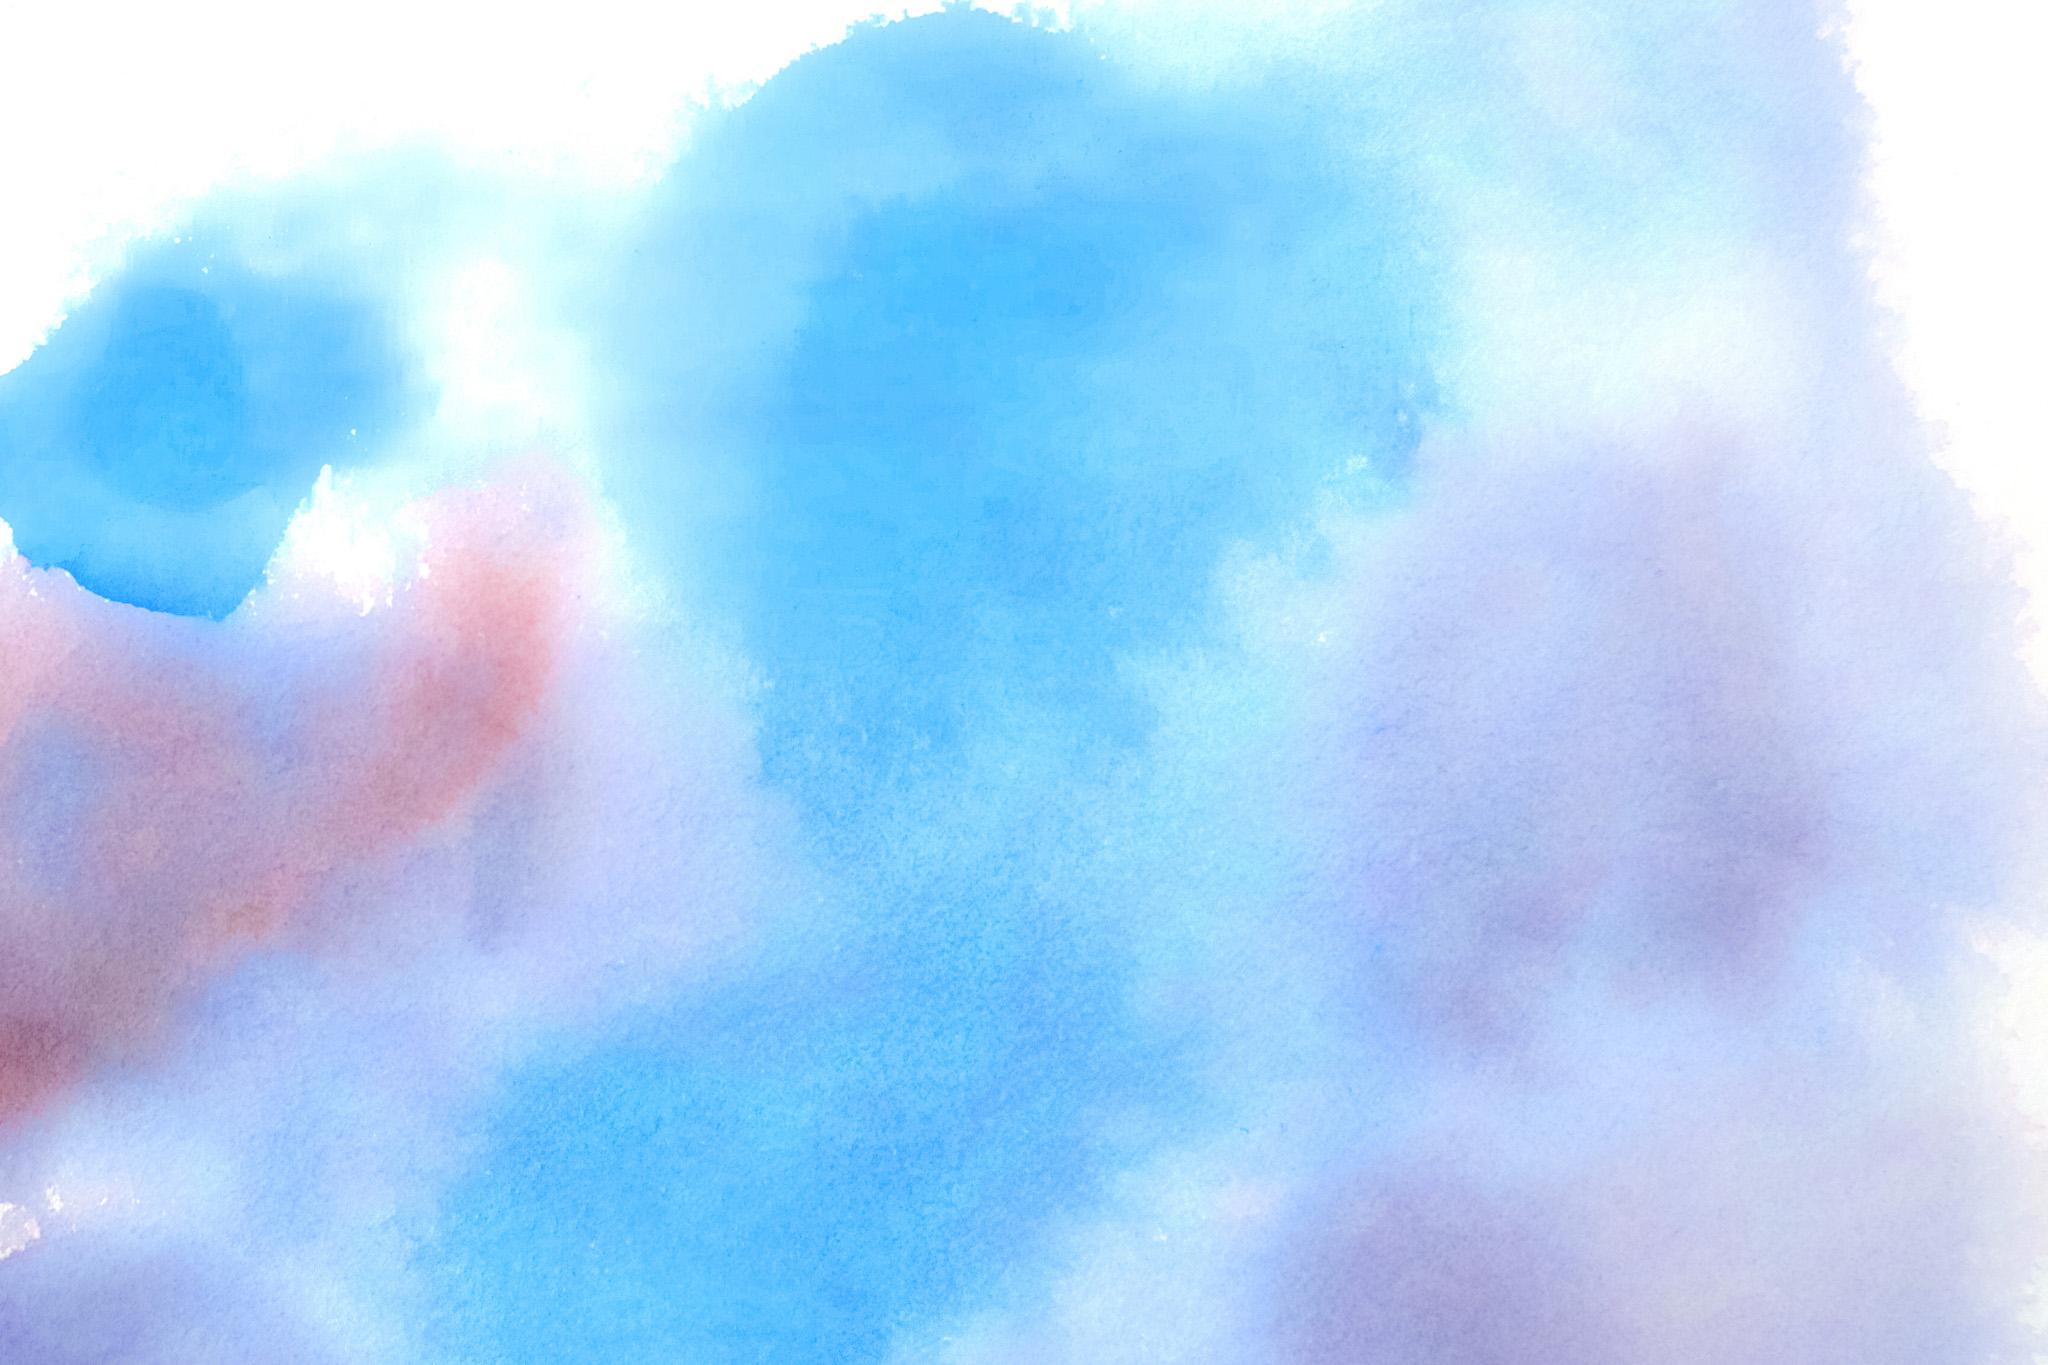 「青と薄紫が混ざる模様」